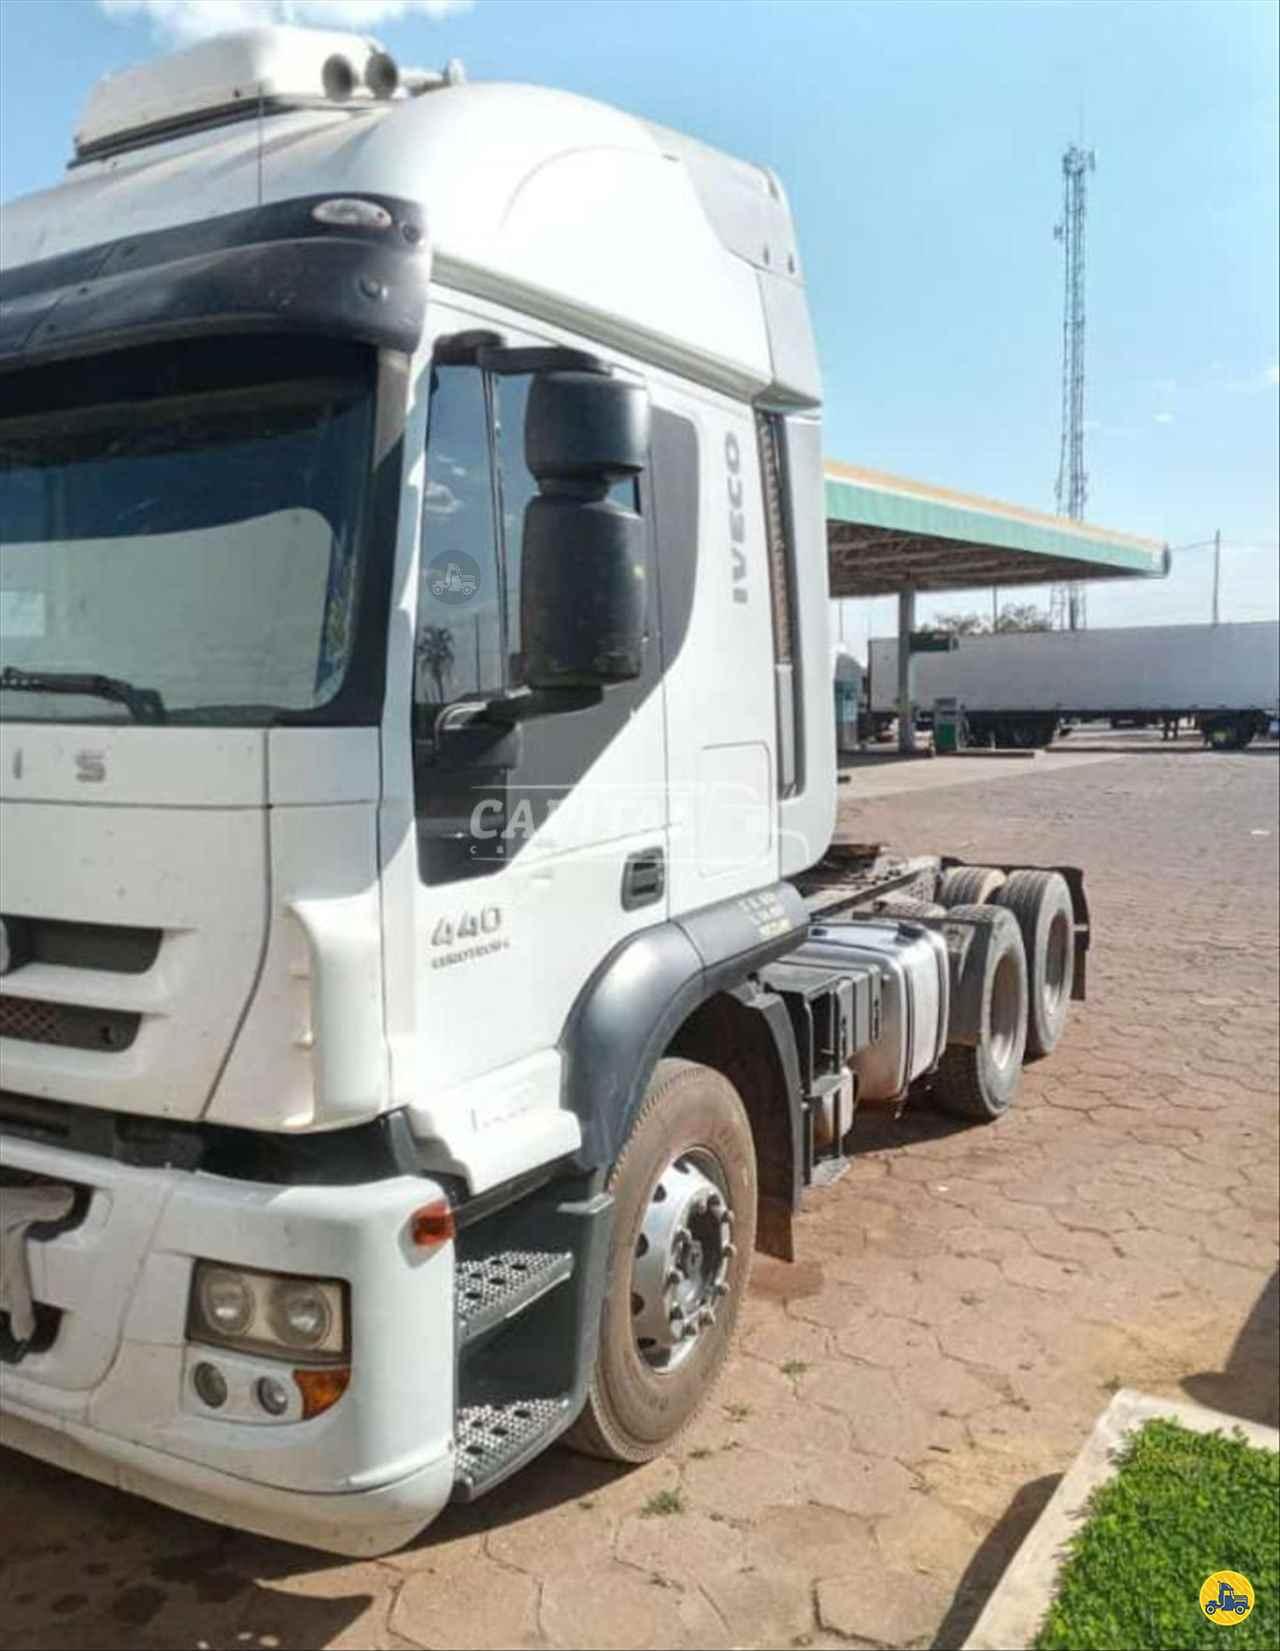 CAMINHAO IVECO STRALIS 440 Capital Caminhões - Metalesp e Recrusul  BRASILIA DISTRITO FEDERAL DF